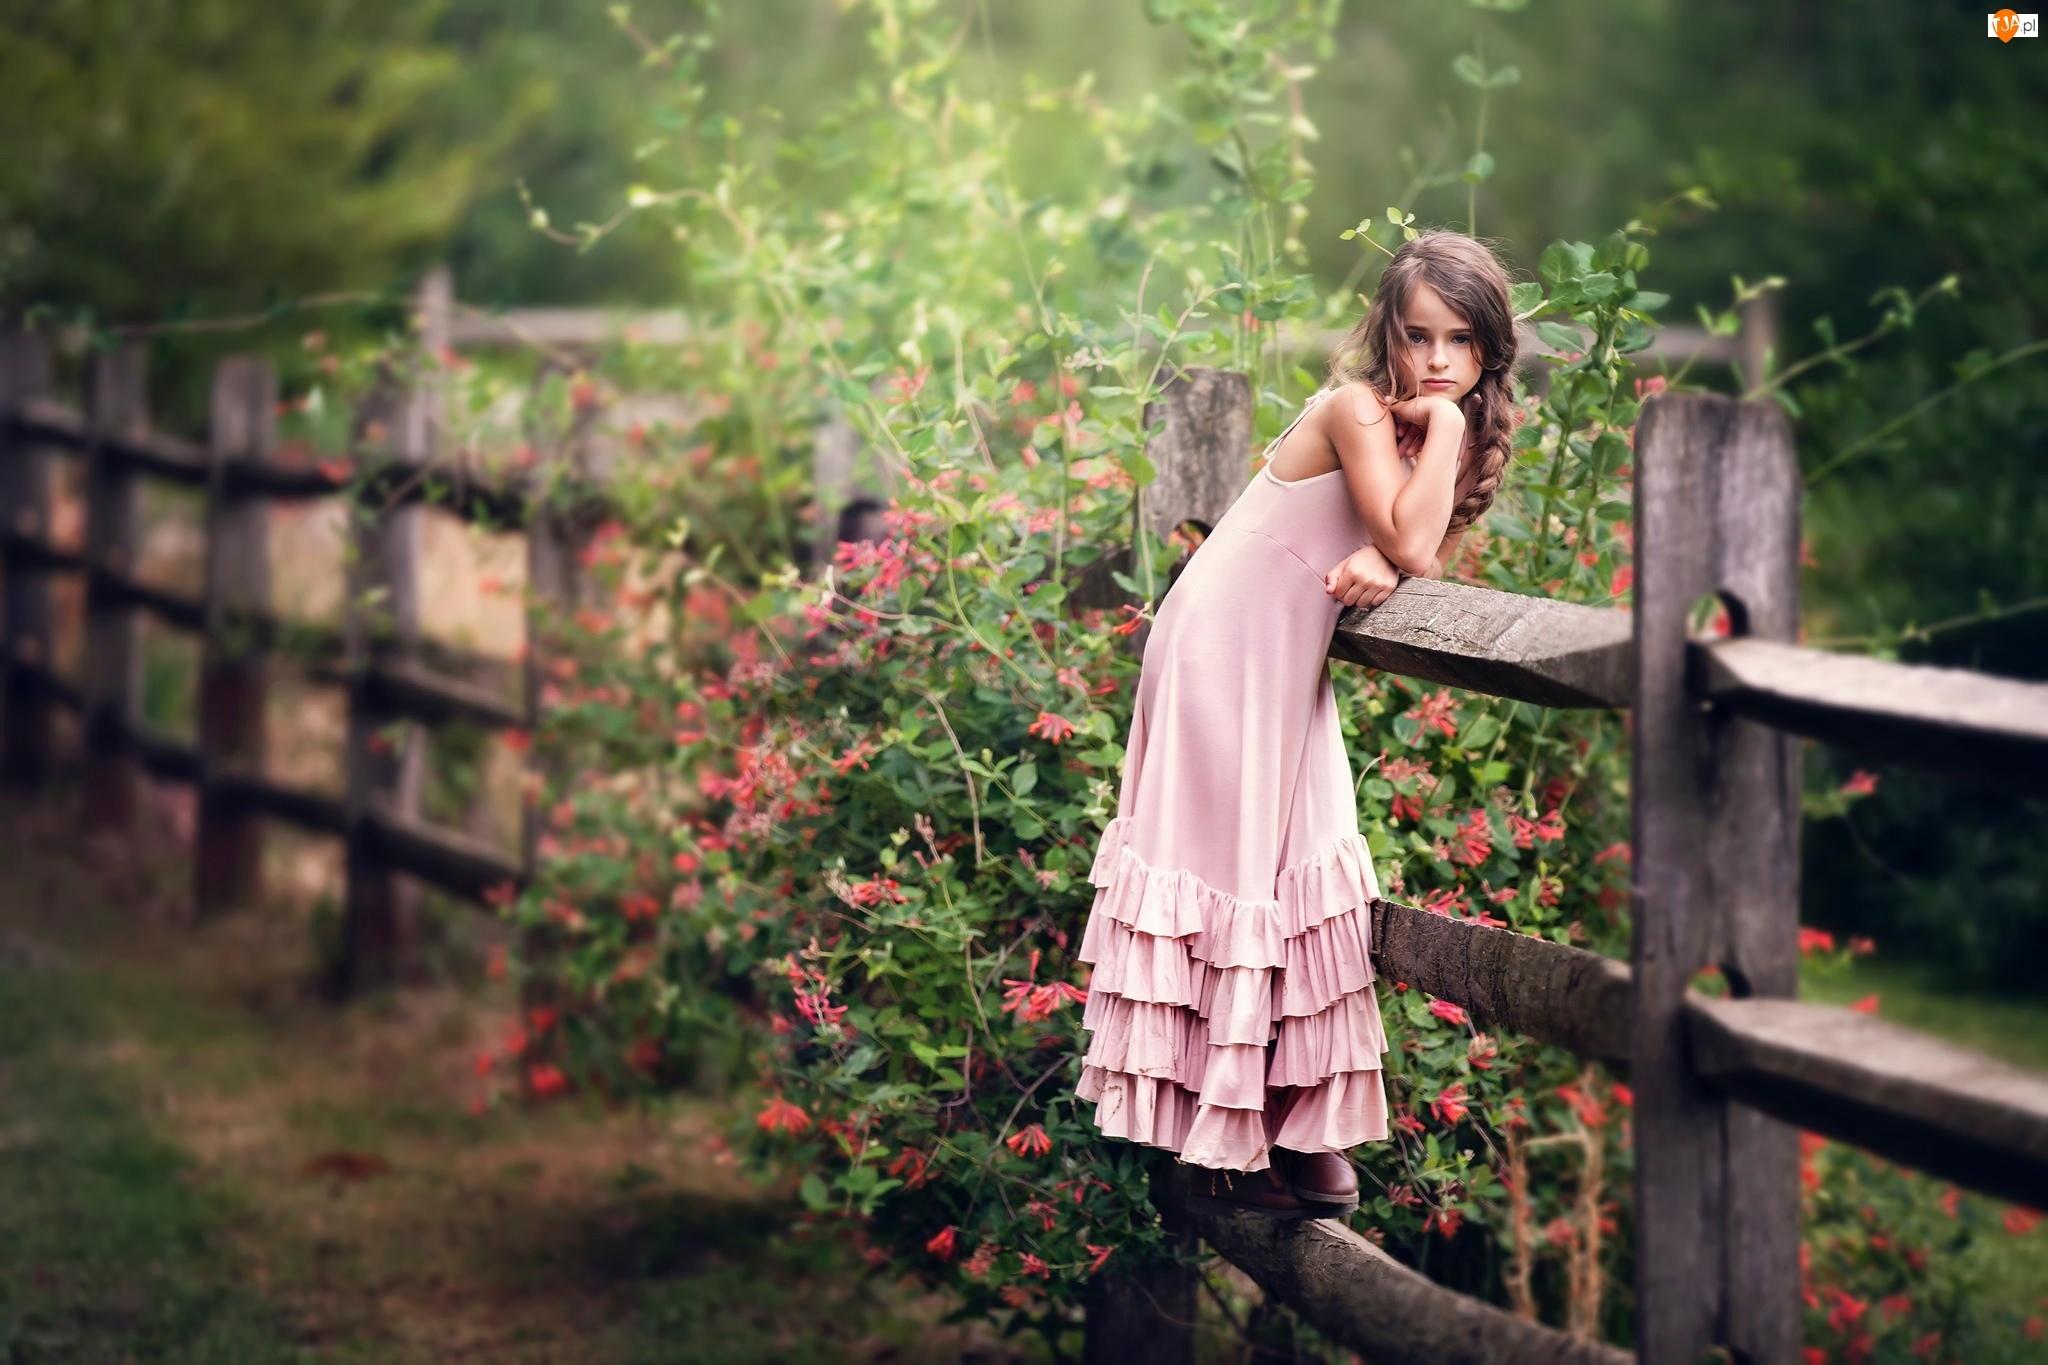 Ogródek, Ścieżka, Różowa, Ogrodzenie, Dziewczynka, Pelargonie, Sukienka, Płot